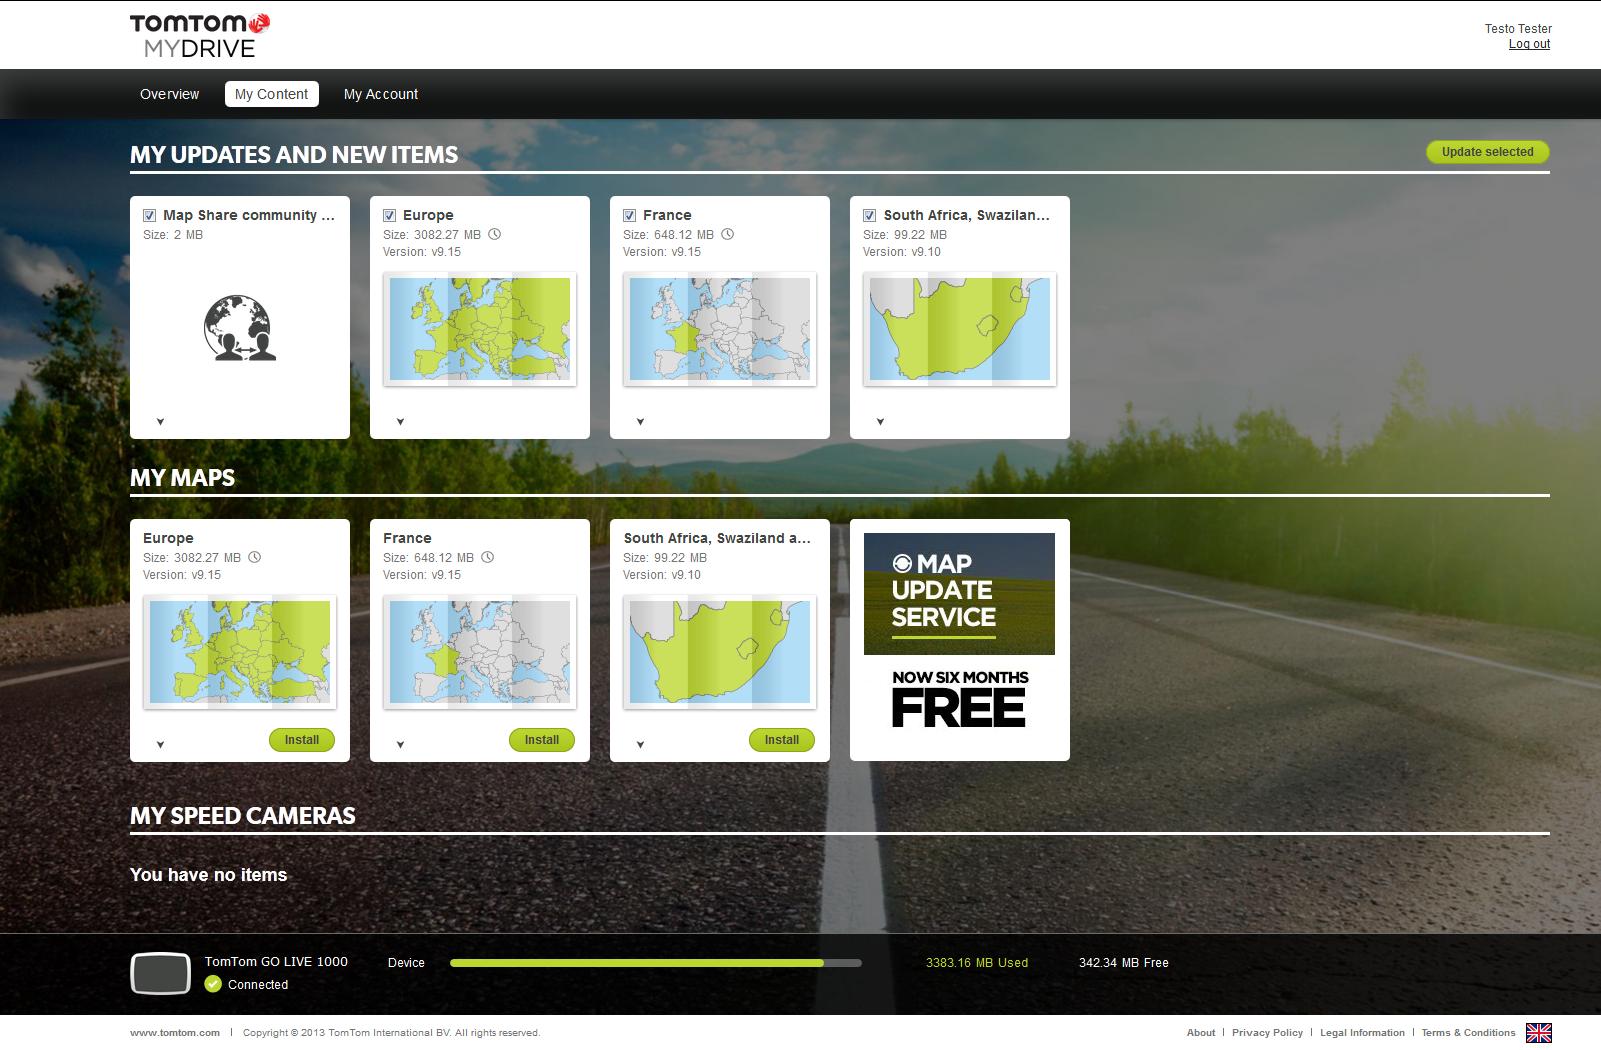 TomTom MyDrive Synchronisation platform